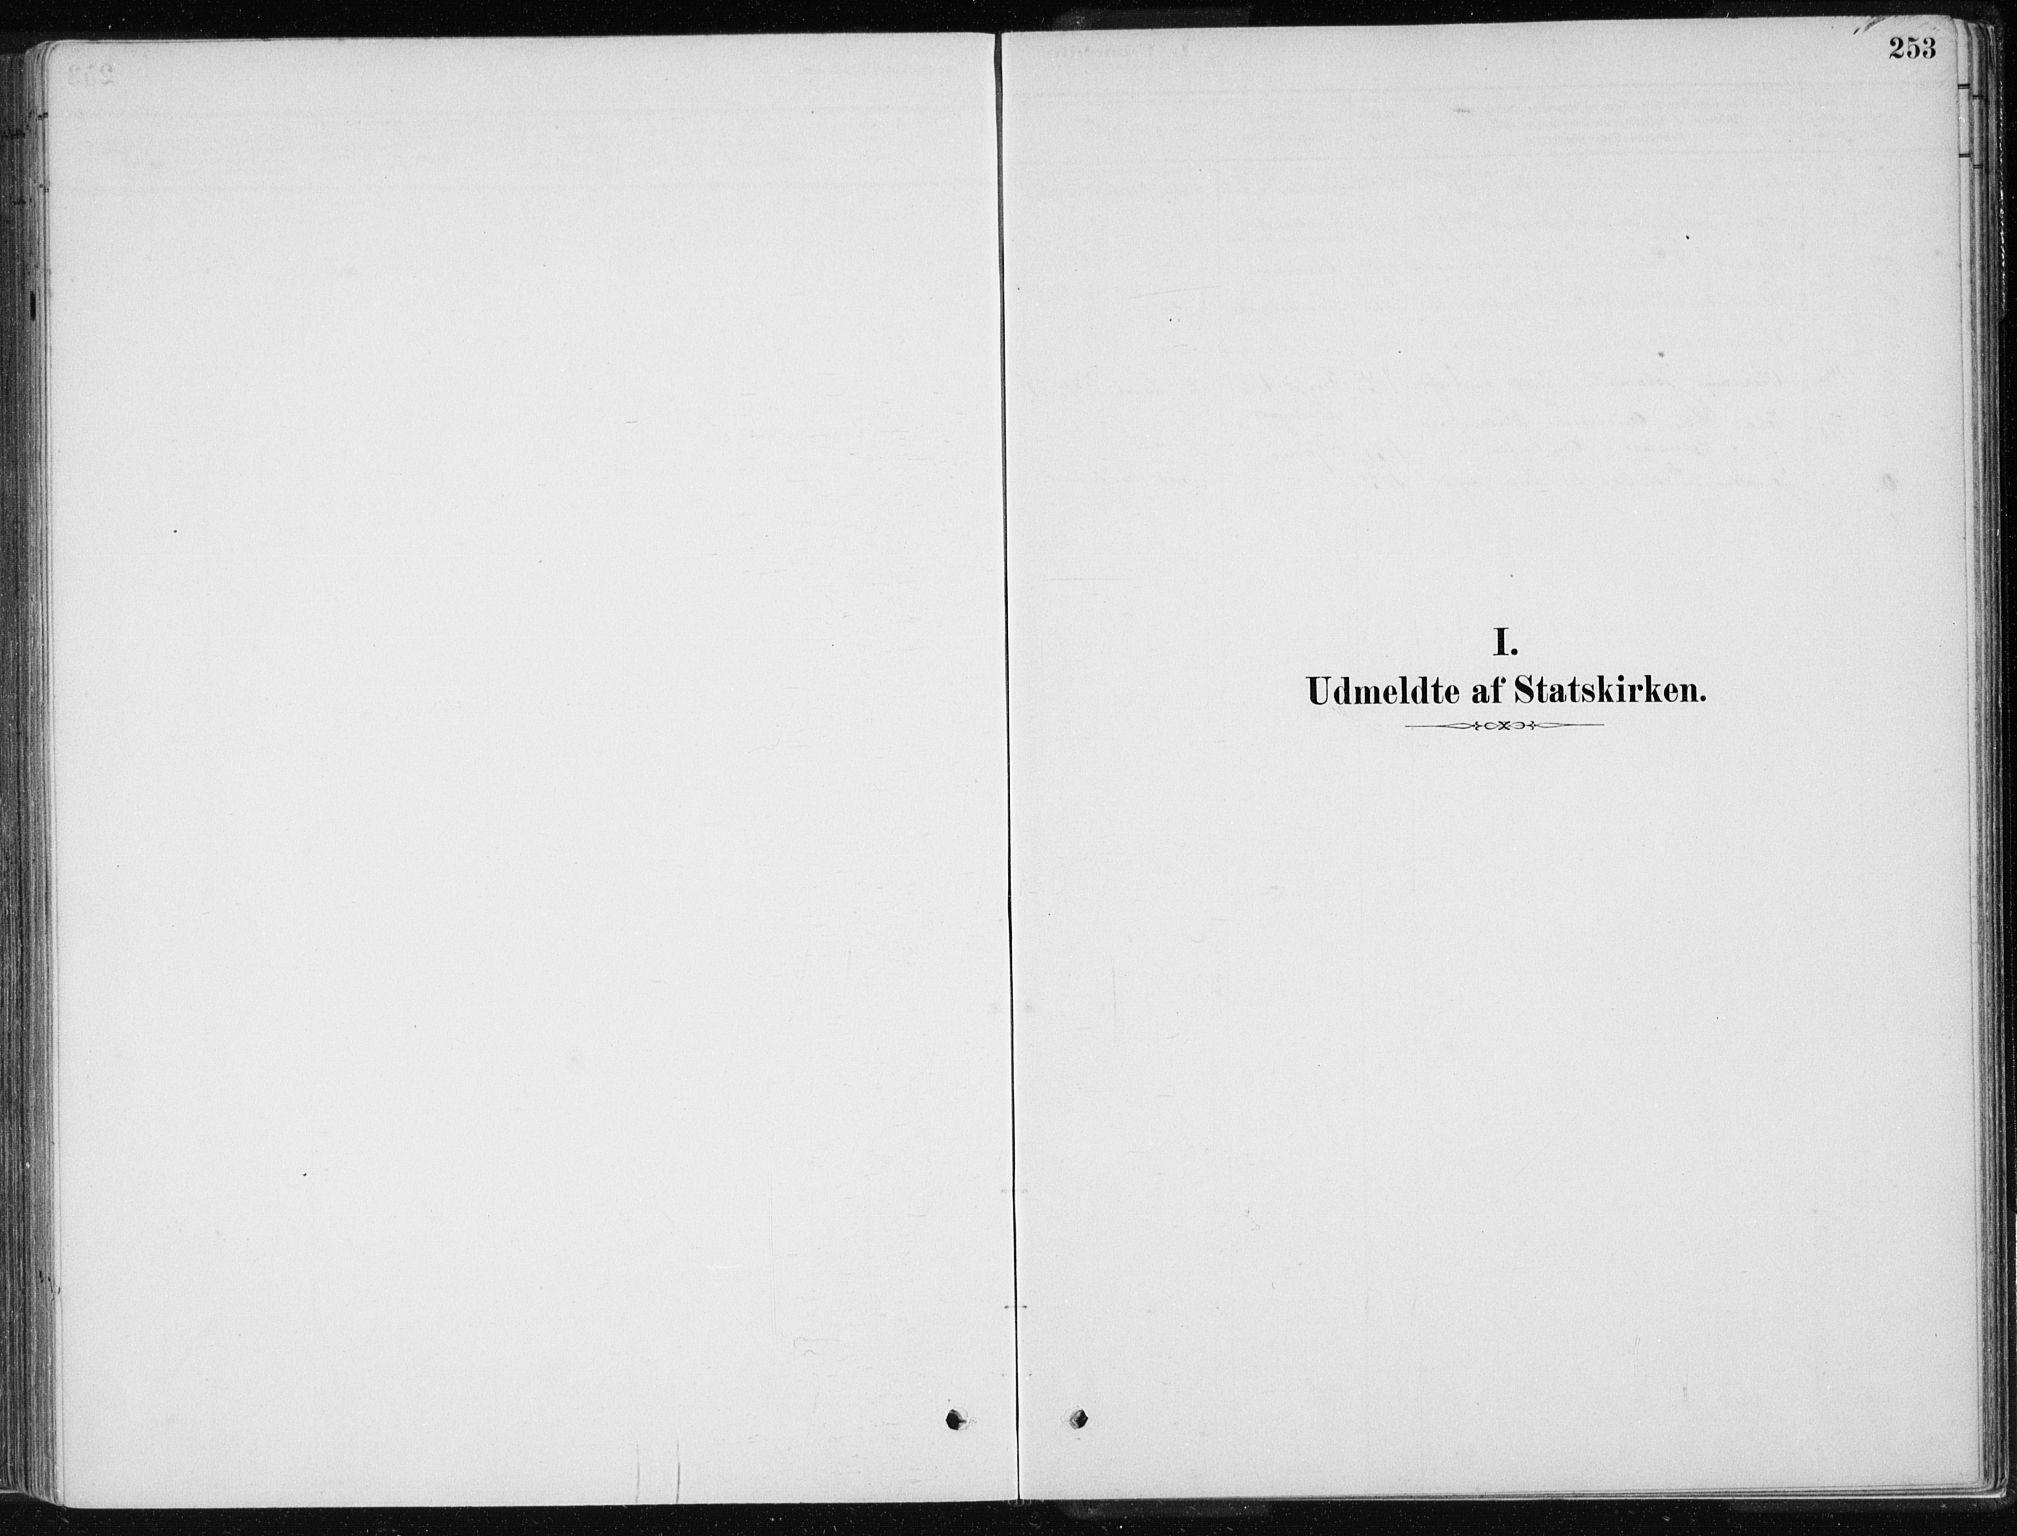 SAT, Ministerialprotokoller, klokkerbøker og fødselsregistre - Møre og Romsdal, 586/L0987: Ministerialbok nr. 586A13, 1879-1892, s. 253